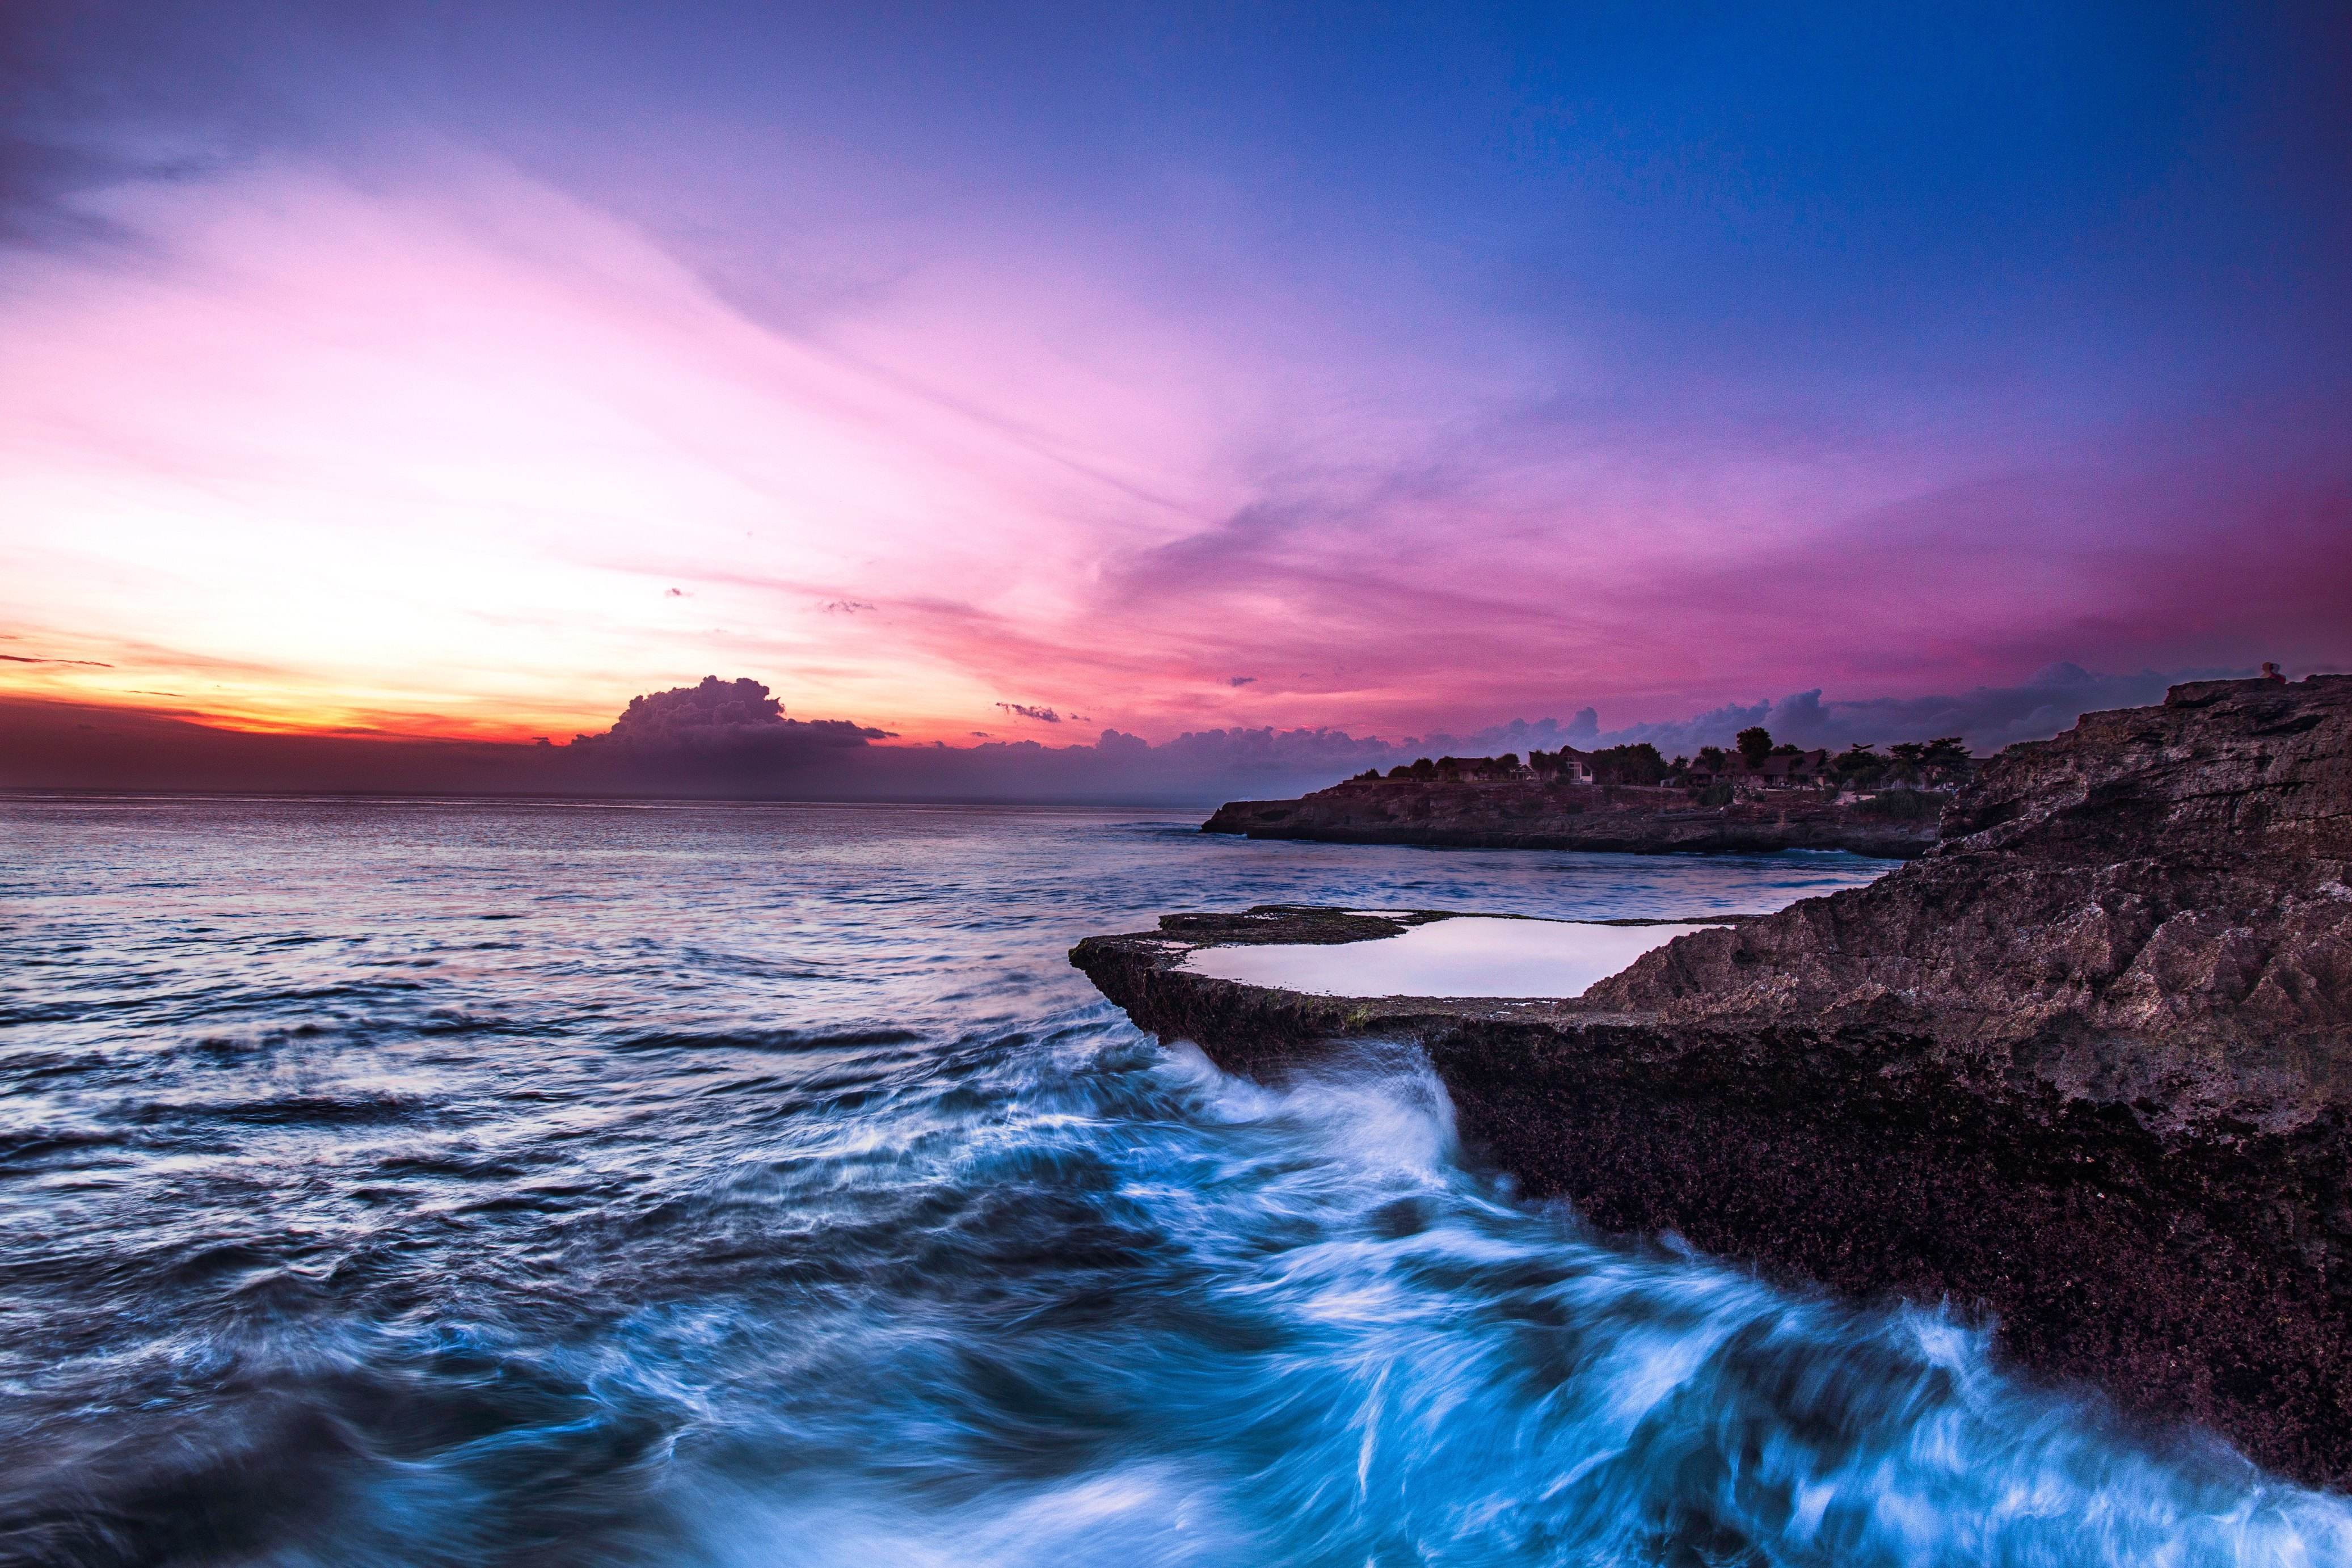 印度尼西亚巴厘岛7日5晚跟团游·东航直飞 1晚蓝梦岛酒店 2晚海边奢